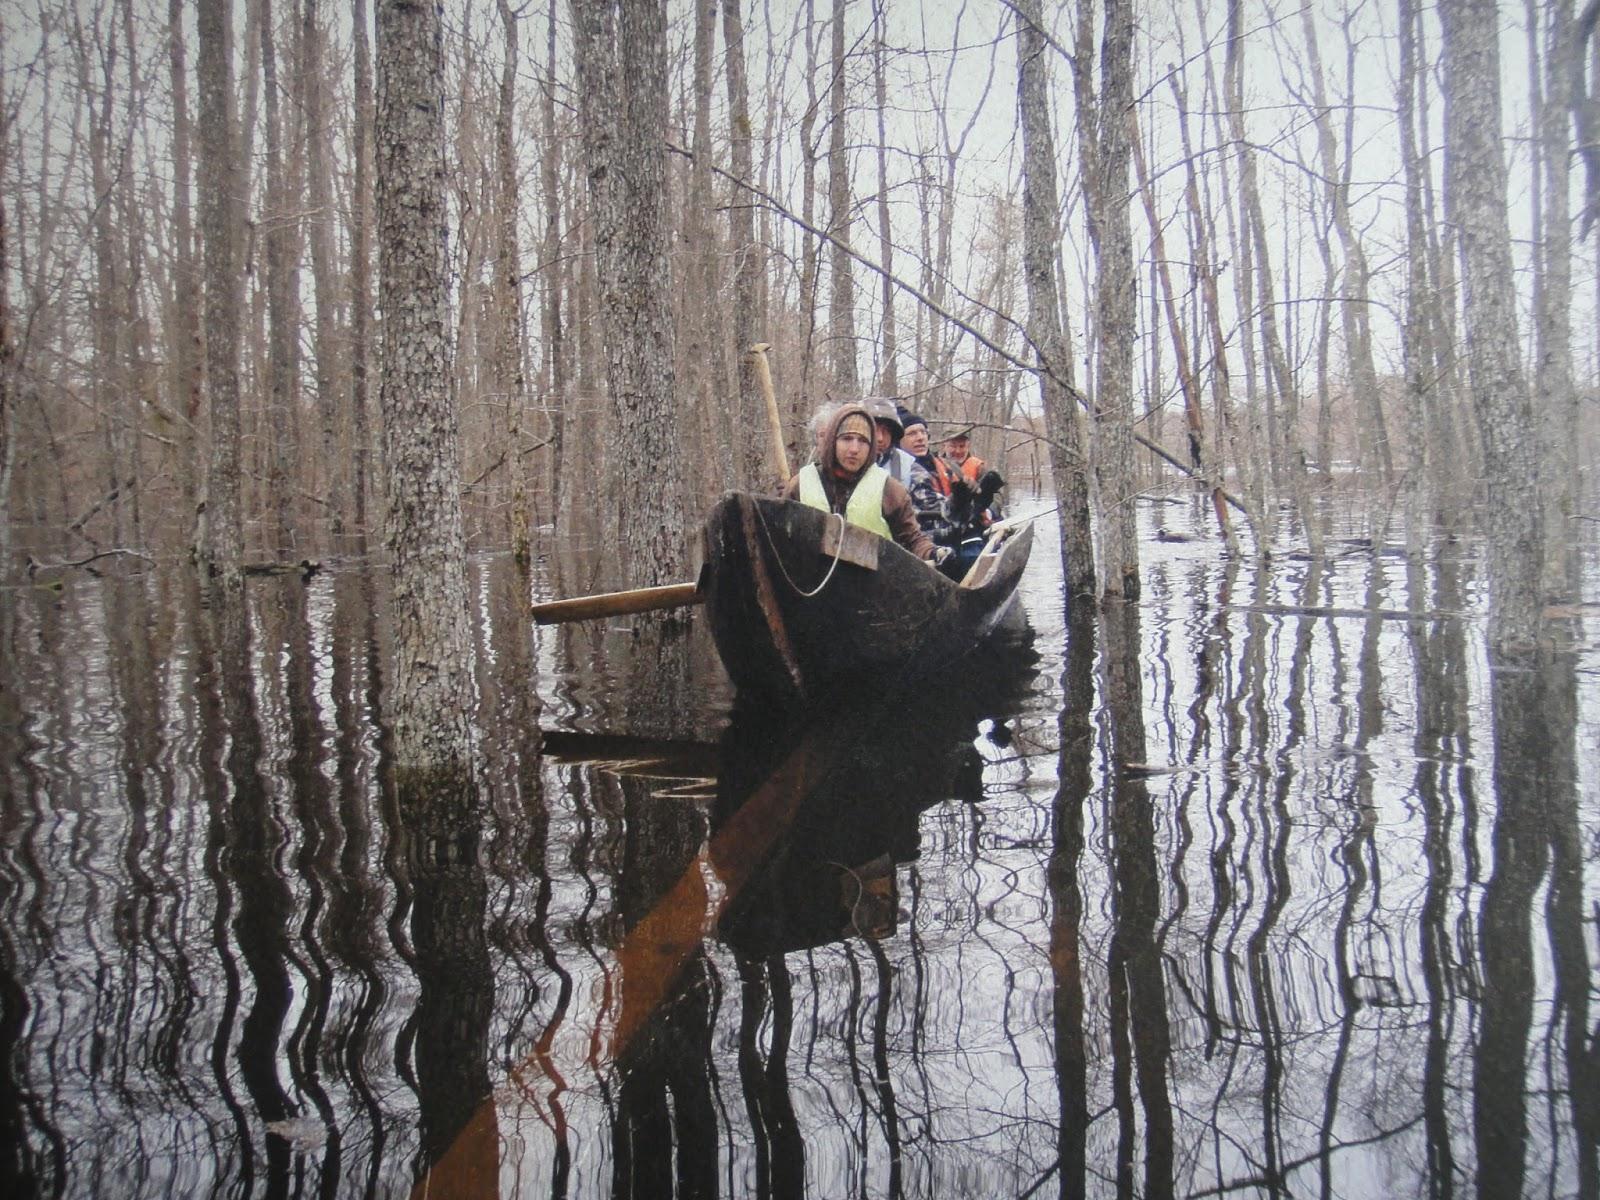 この写真のように春先には河川が氾濫し周辺の林は水に浸かります。 エストニア便り7